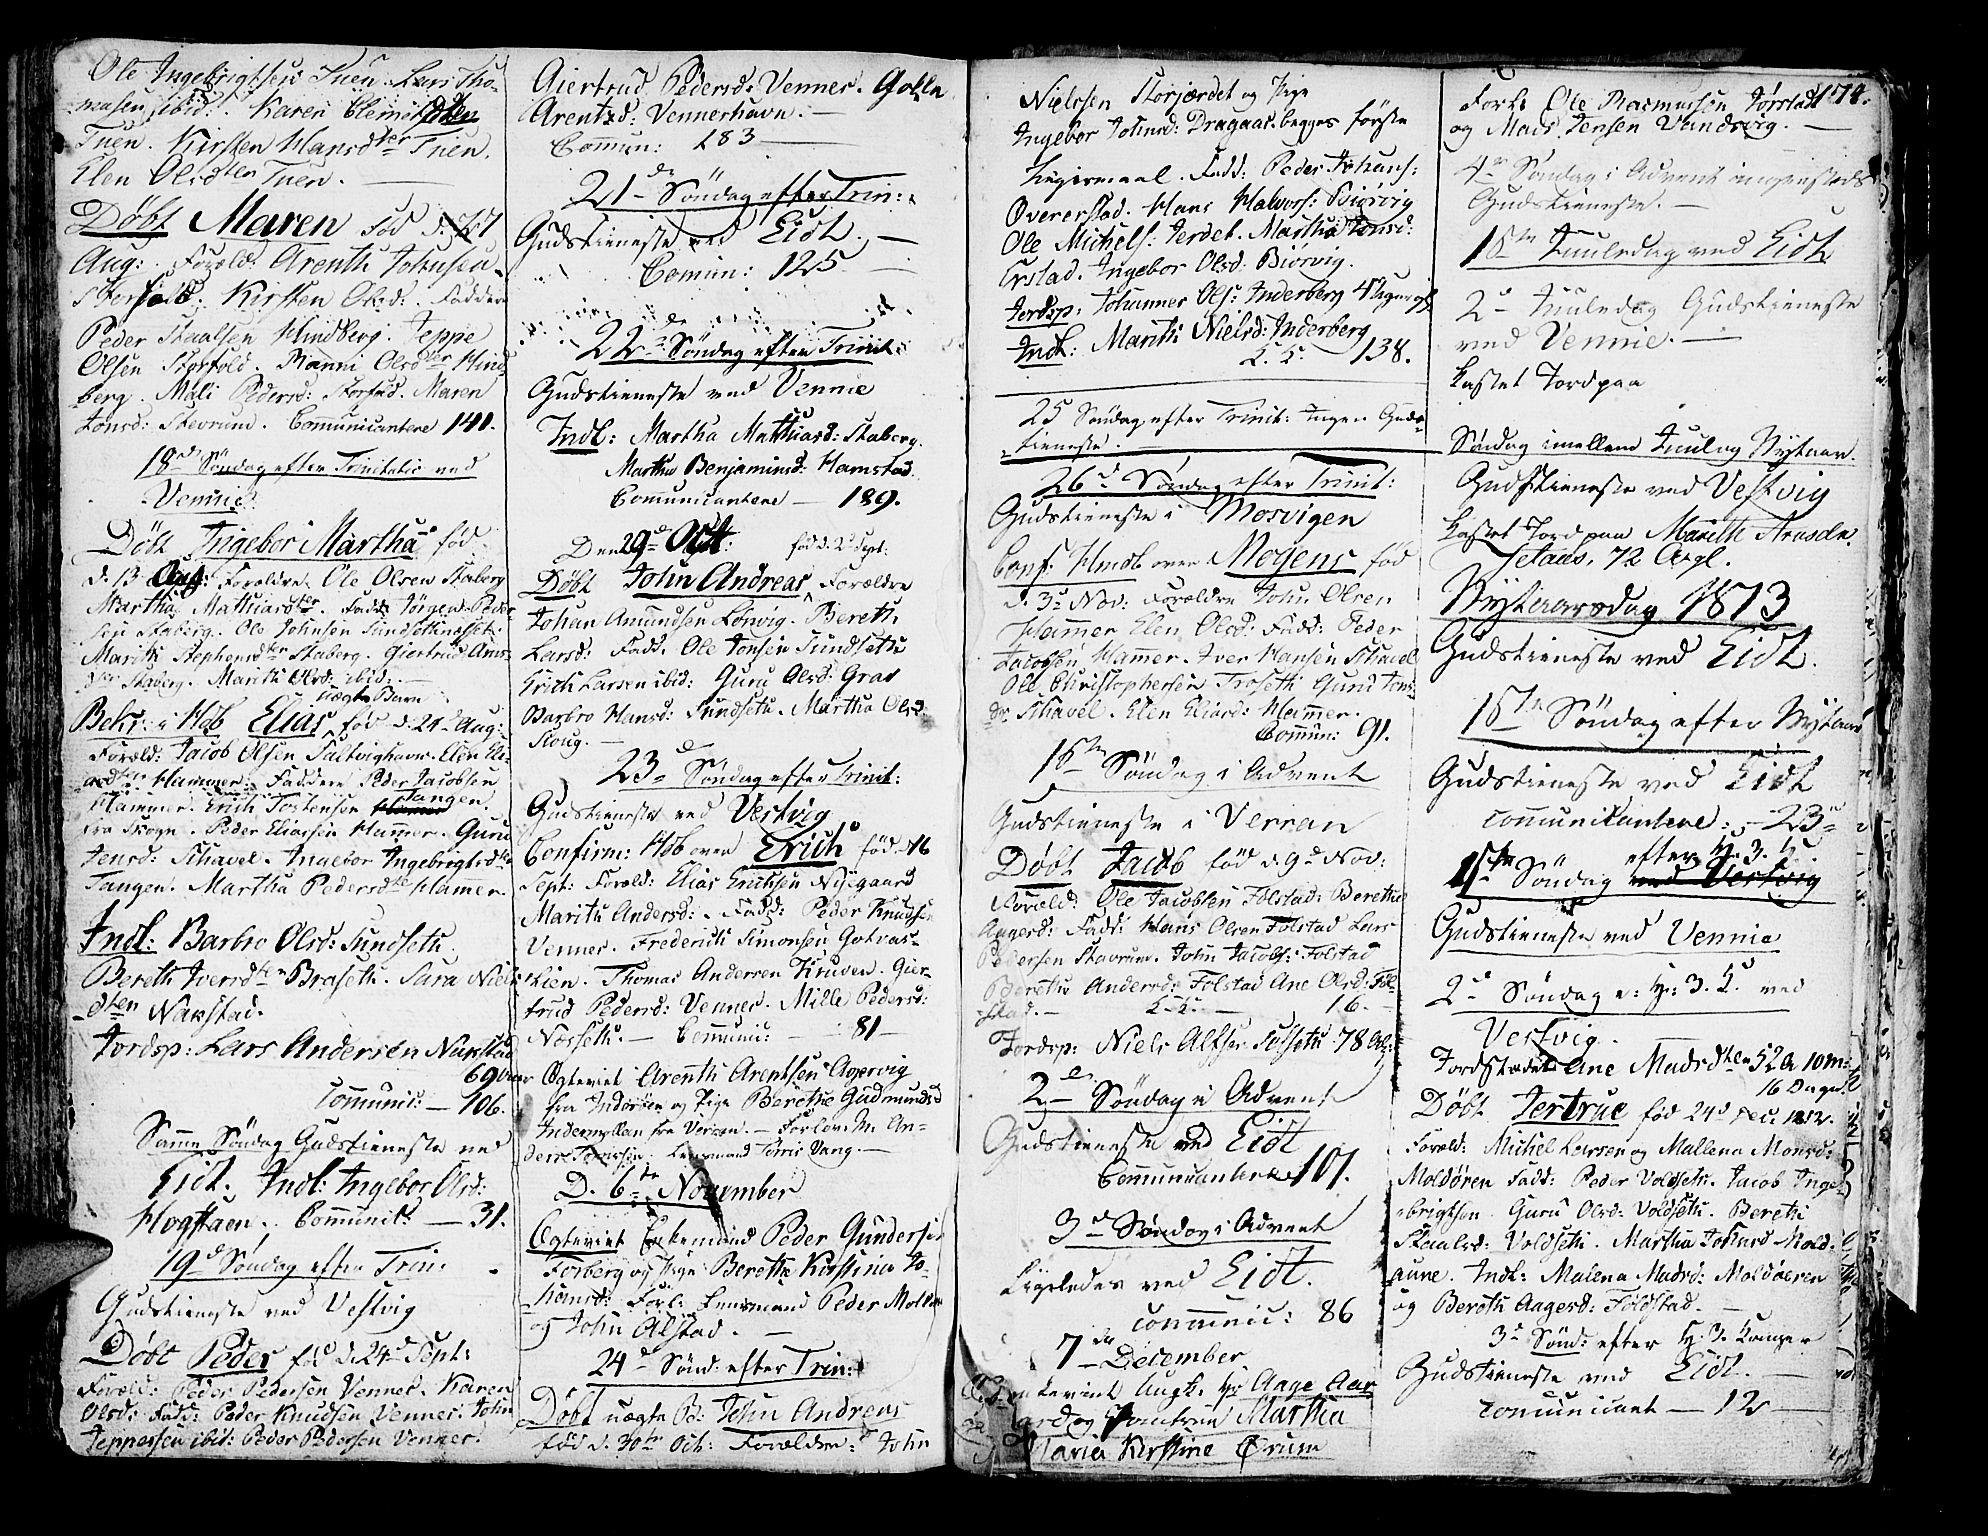 SAT, Ministerialprotokoller, klokkerbøker og fødselsregistre - Nord-Trøndelag, 722/L0216: Ministerialbok nr. 722A03, 1756-1816, s. 174